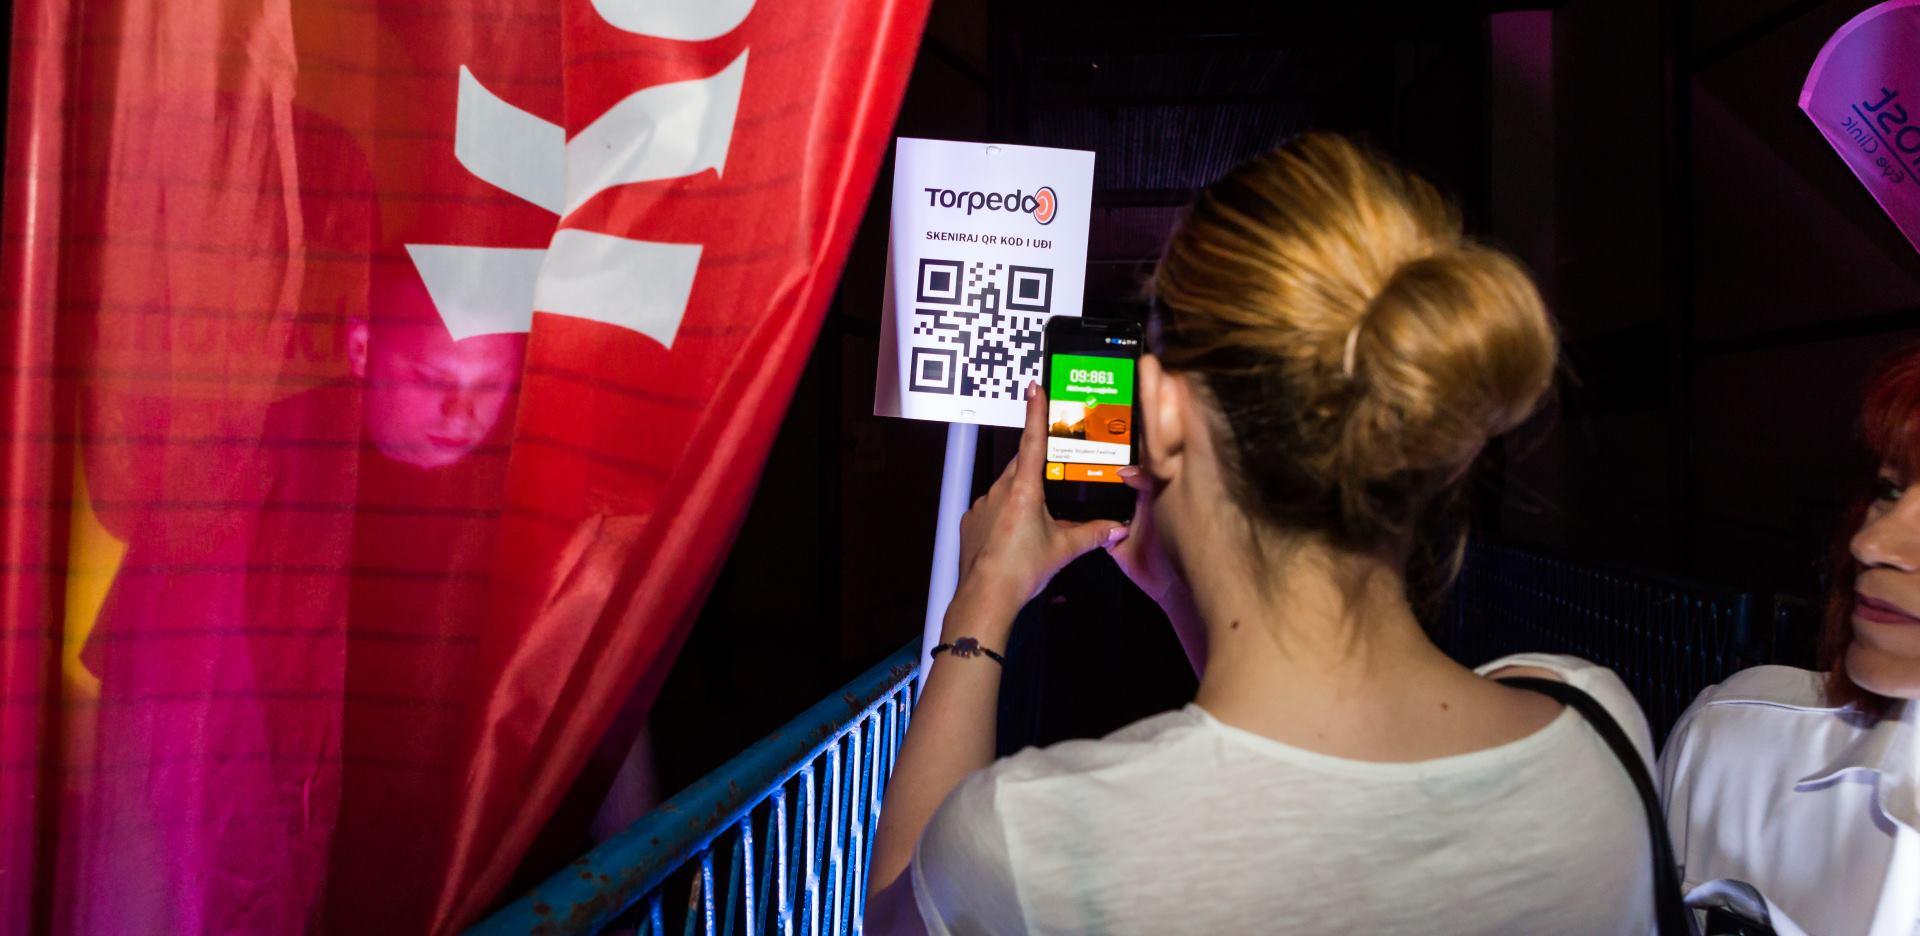 FOTO: Torpedo Student Festival probio led korištenju modernih tehnologija